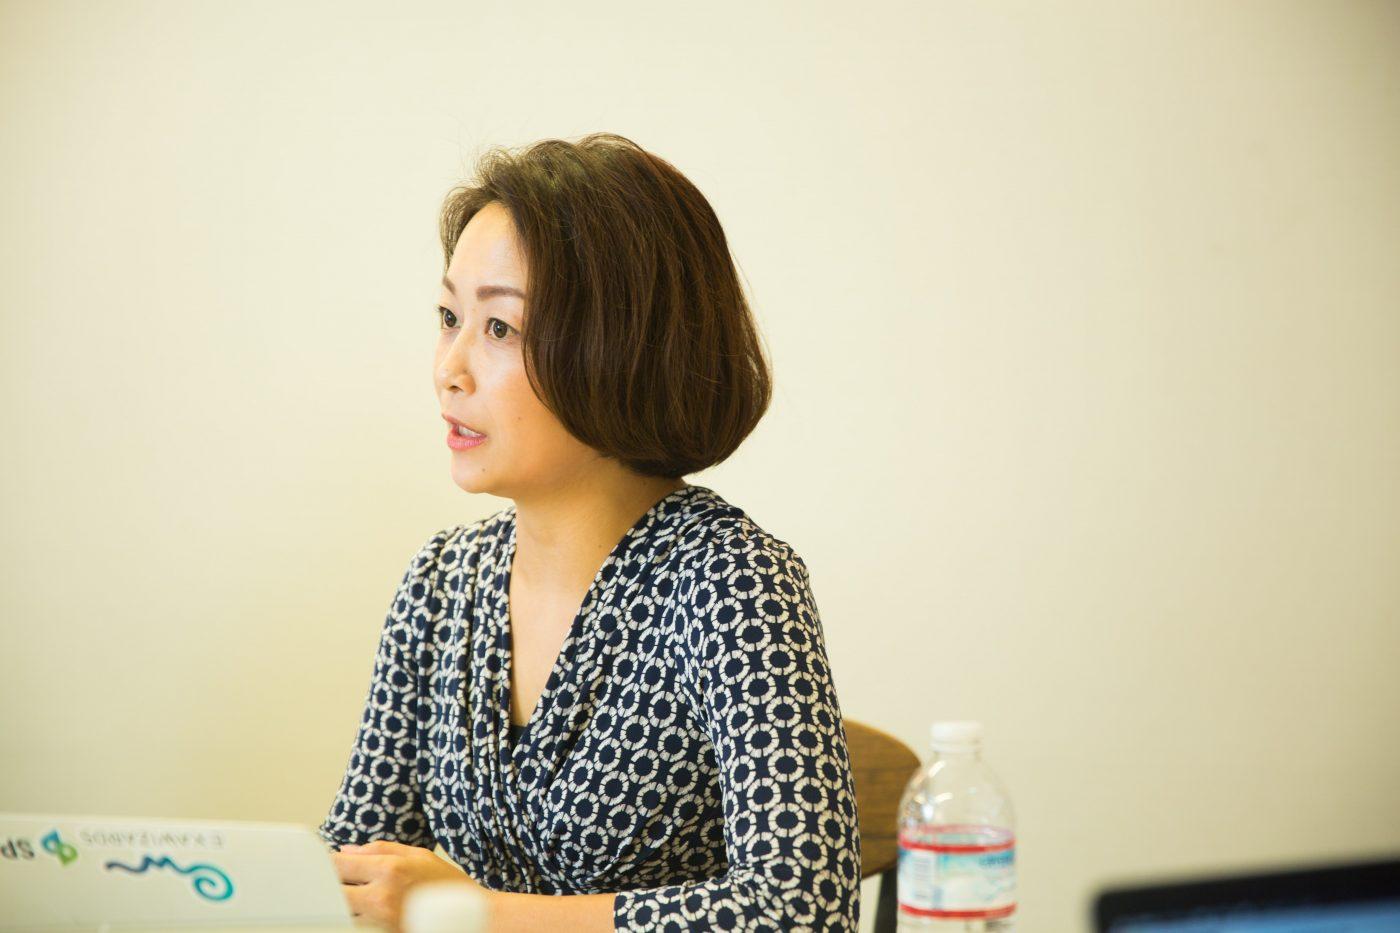 ■佐藤真希子(さとう・まきこ) 2000年に株式会社サイバーエージェントに新卒1期生として入社。インターネット広告事業にて初の女性マネージャーとなり、営業に加えて採用や組織作りなどに貢献。その後、子会社での新規事業立ち上げを経験し、2006年から株式会社サイバーエージェント・ベンチャーズにて9年間ベンチャー投資に従事。2016年2月、独立系のベンチャーキャピタルである株式会社iSGSインベストメントワークスを立ち上げ、取締役 代表パートナーに就任。独立系では日本初の女性パートナーとなる。その他にも文部科学省の次世代アントレプレナー育成事業(EDGE-NEXT)の推進委員や第一勧業信用組合の評議員なども務めている。